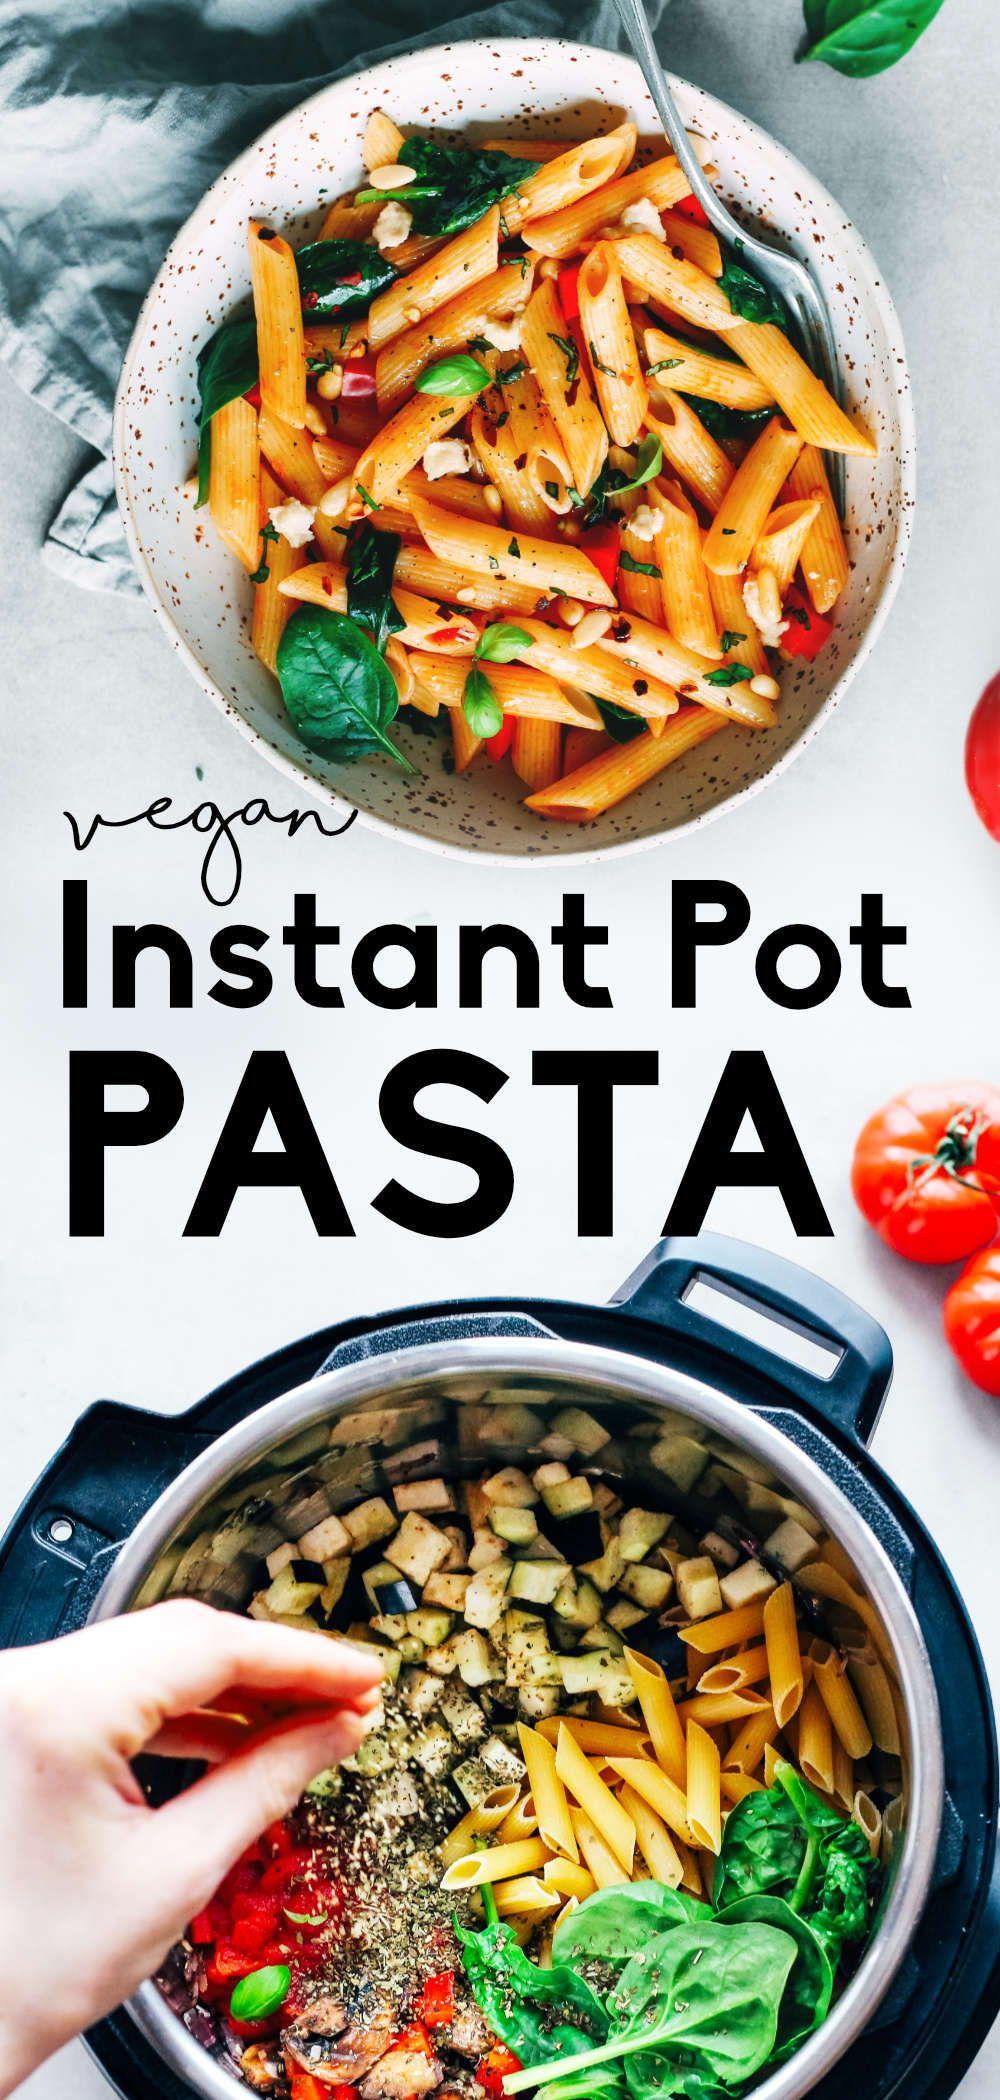 Vegan Instant Pot Pasta Recipe One Pot Marinara Recipe In 2020 Instant Pot Pasta Recipe Vegan Instant Pot Recipes Whole Food Recipes